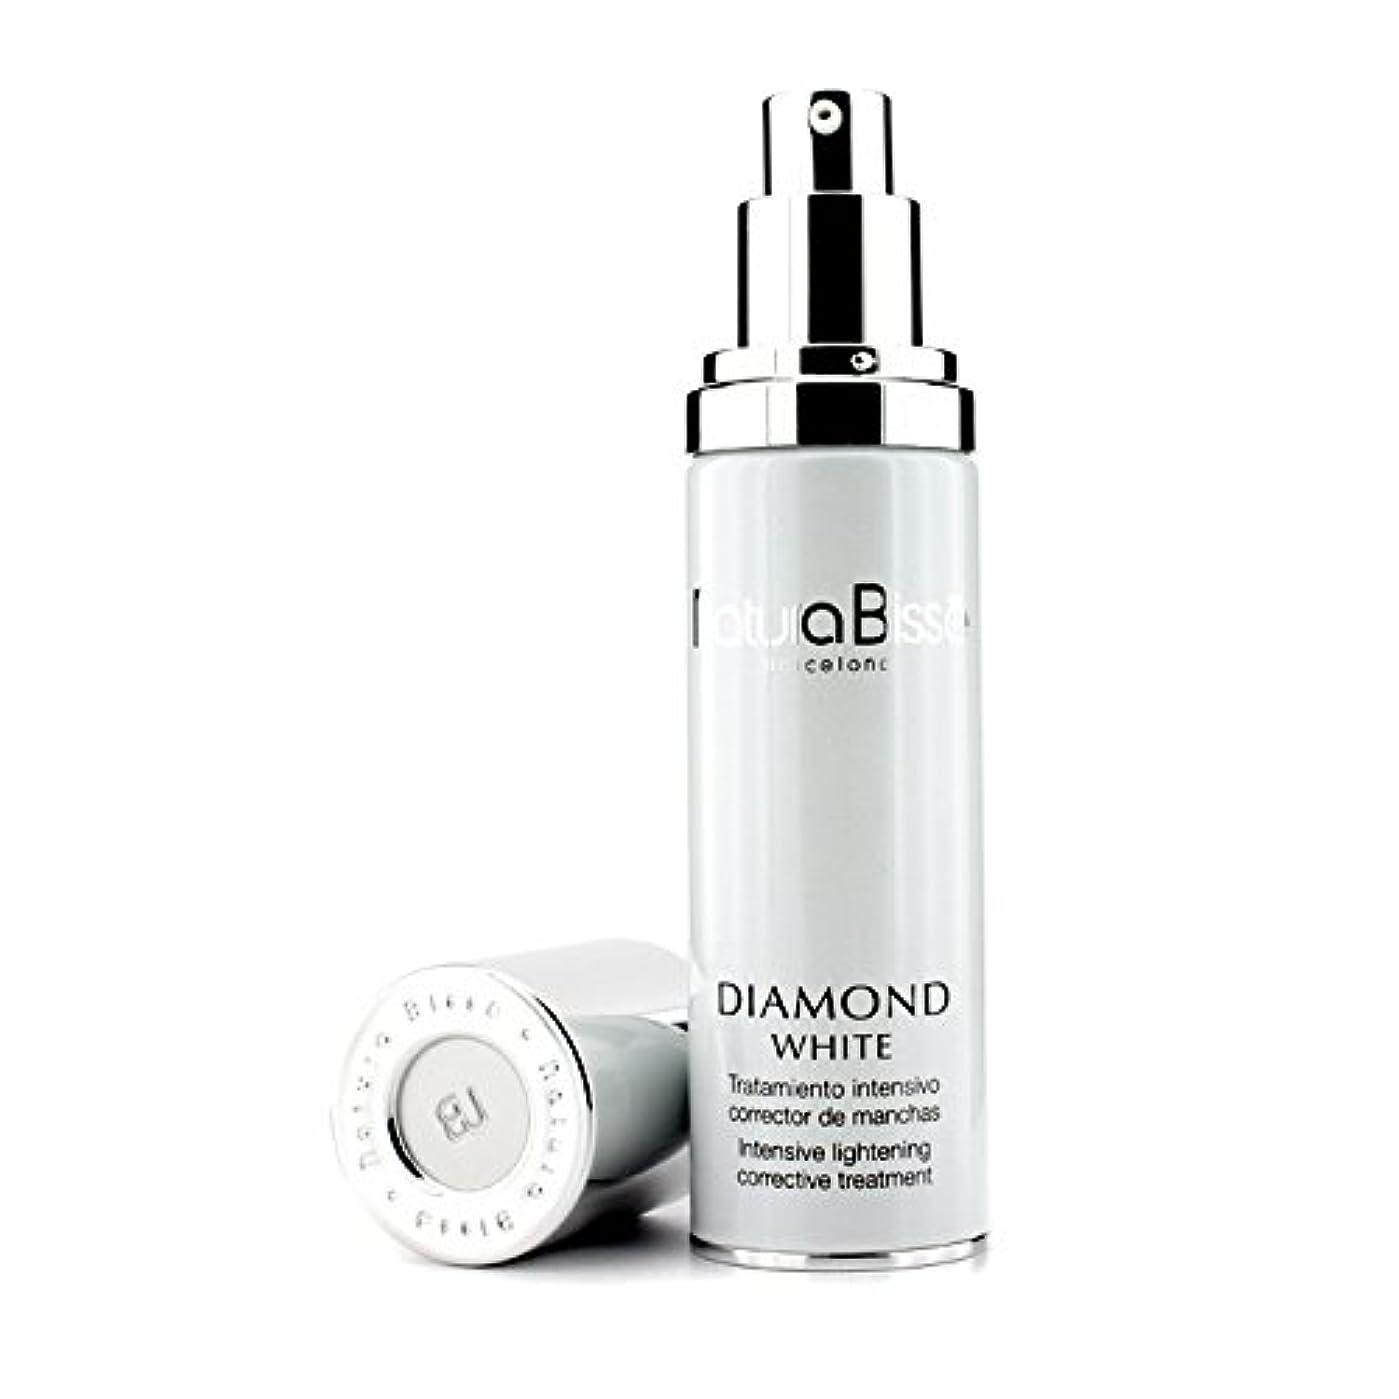 ナチュラビセ ダイアモンド ホワイト インテンシブ ライトニング セラム 50ml/1.7oz並行輸入品